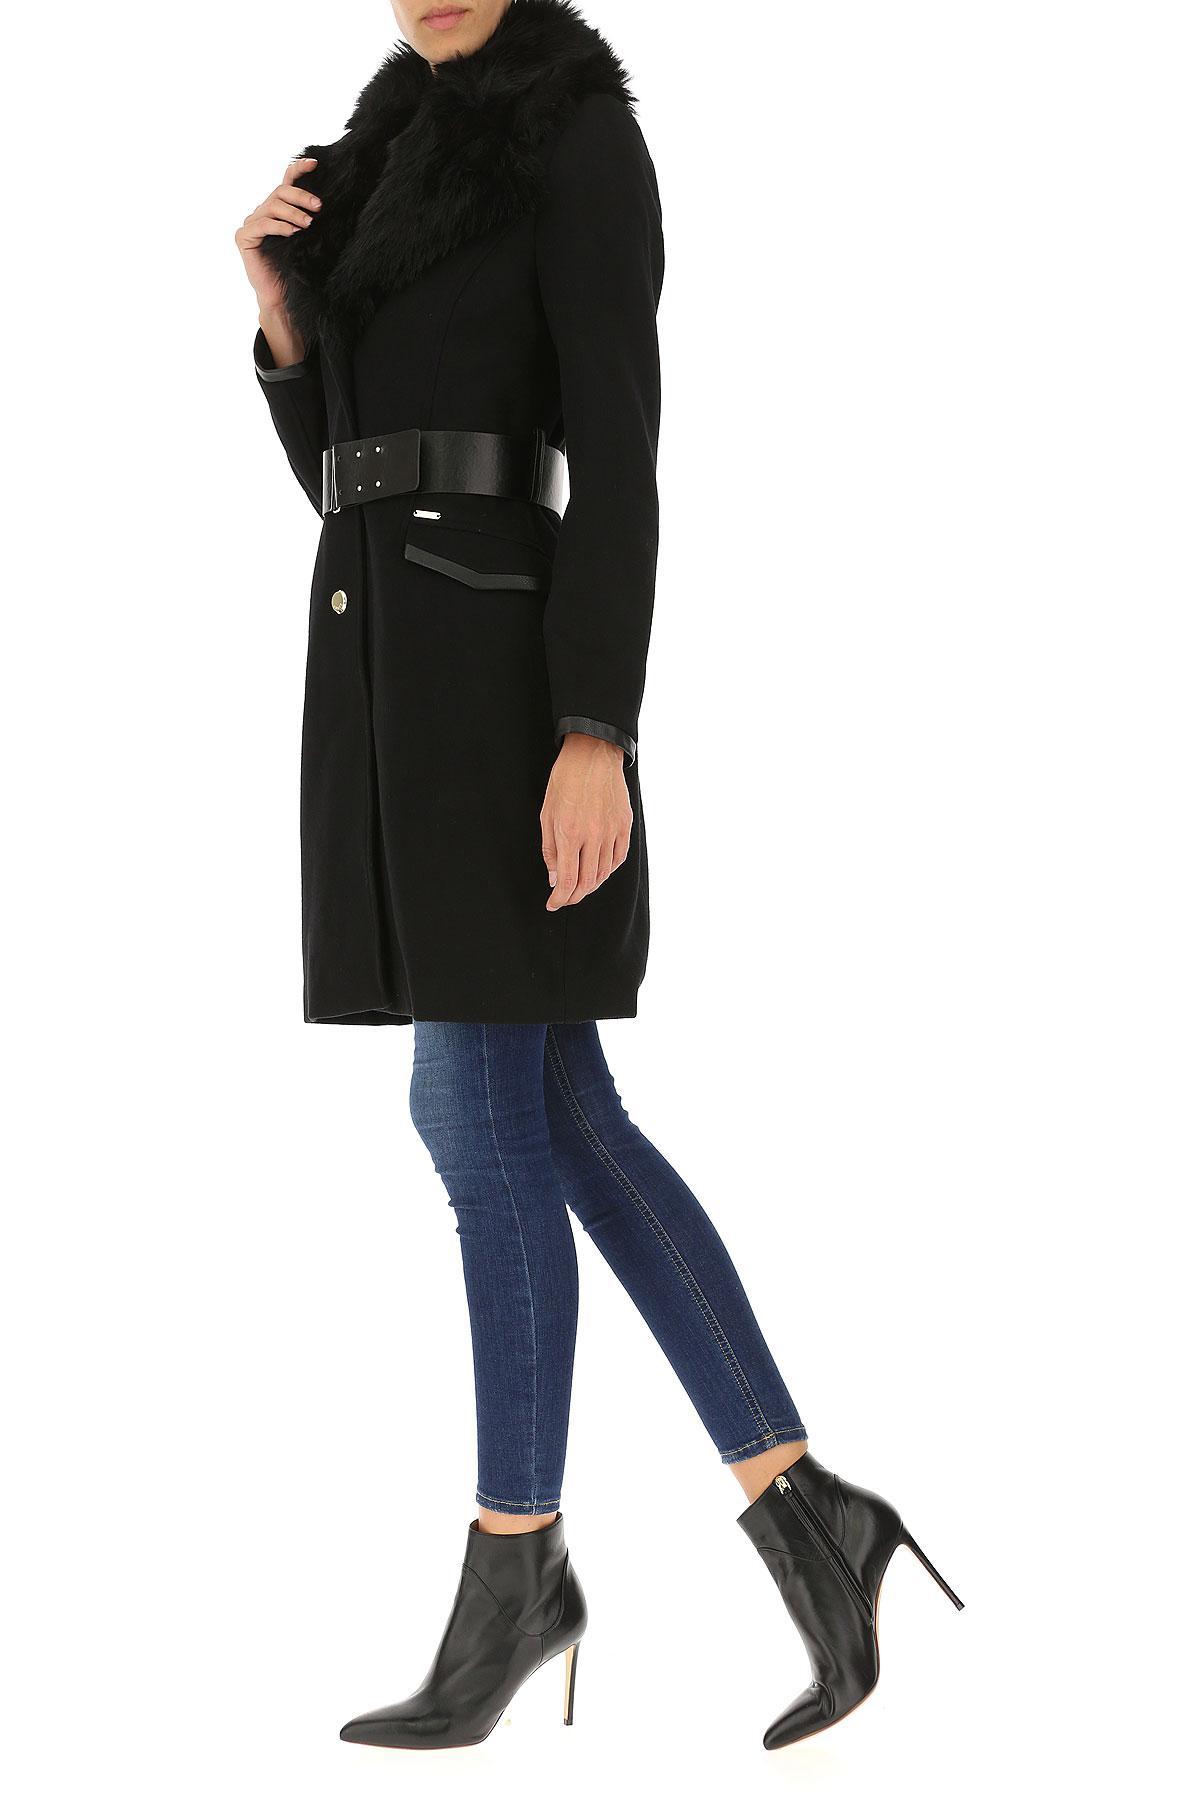 Lyst - Manteau Femme Pas cher en Soldes Guess en coloris Noir 76394c0463a